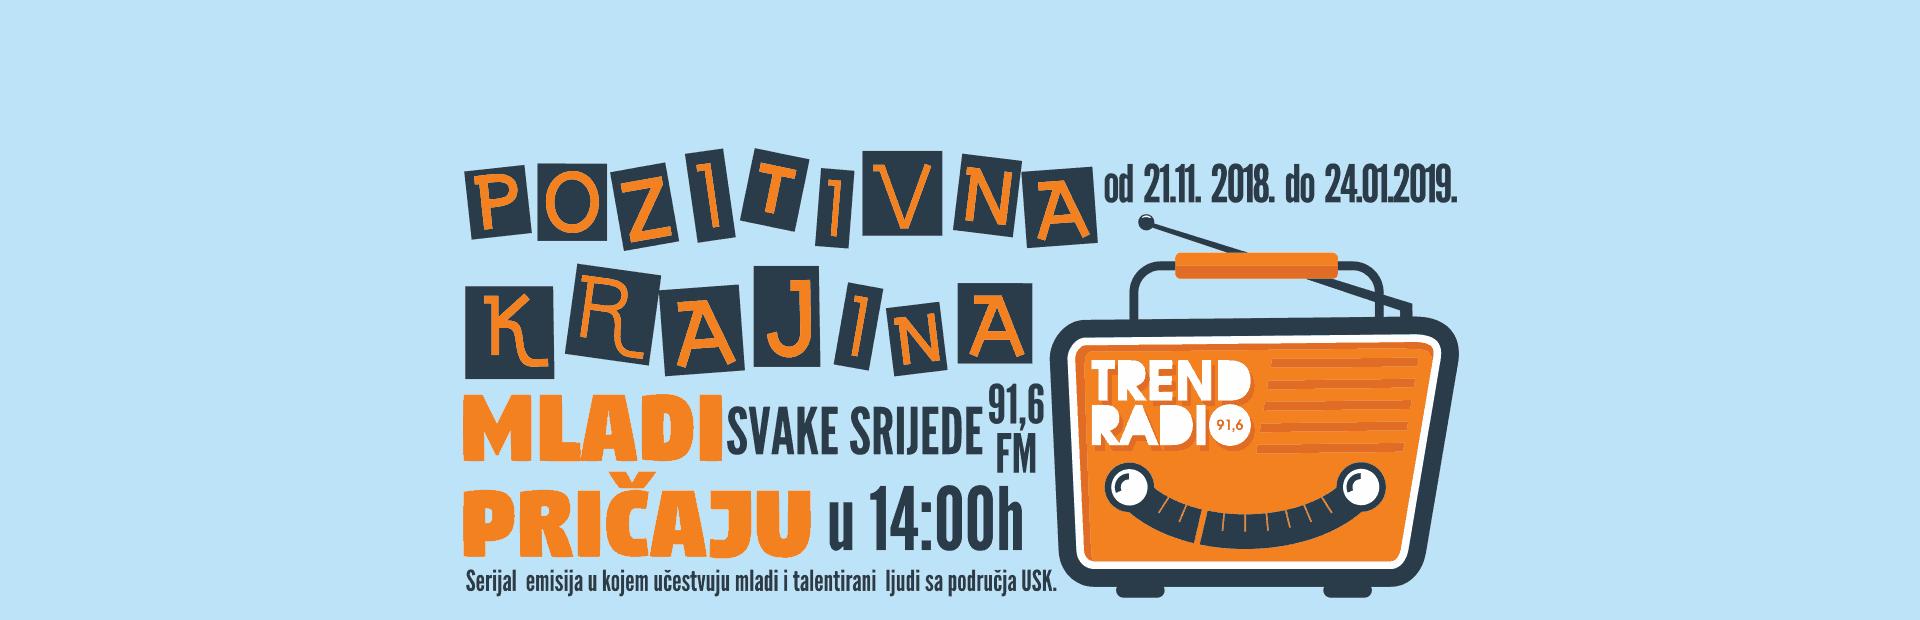 Trend Radio Velika Kladusa - Pozitivna Krajina